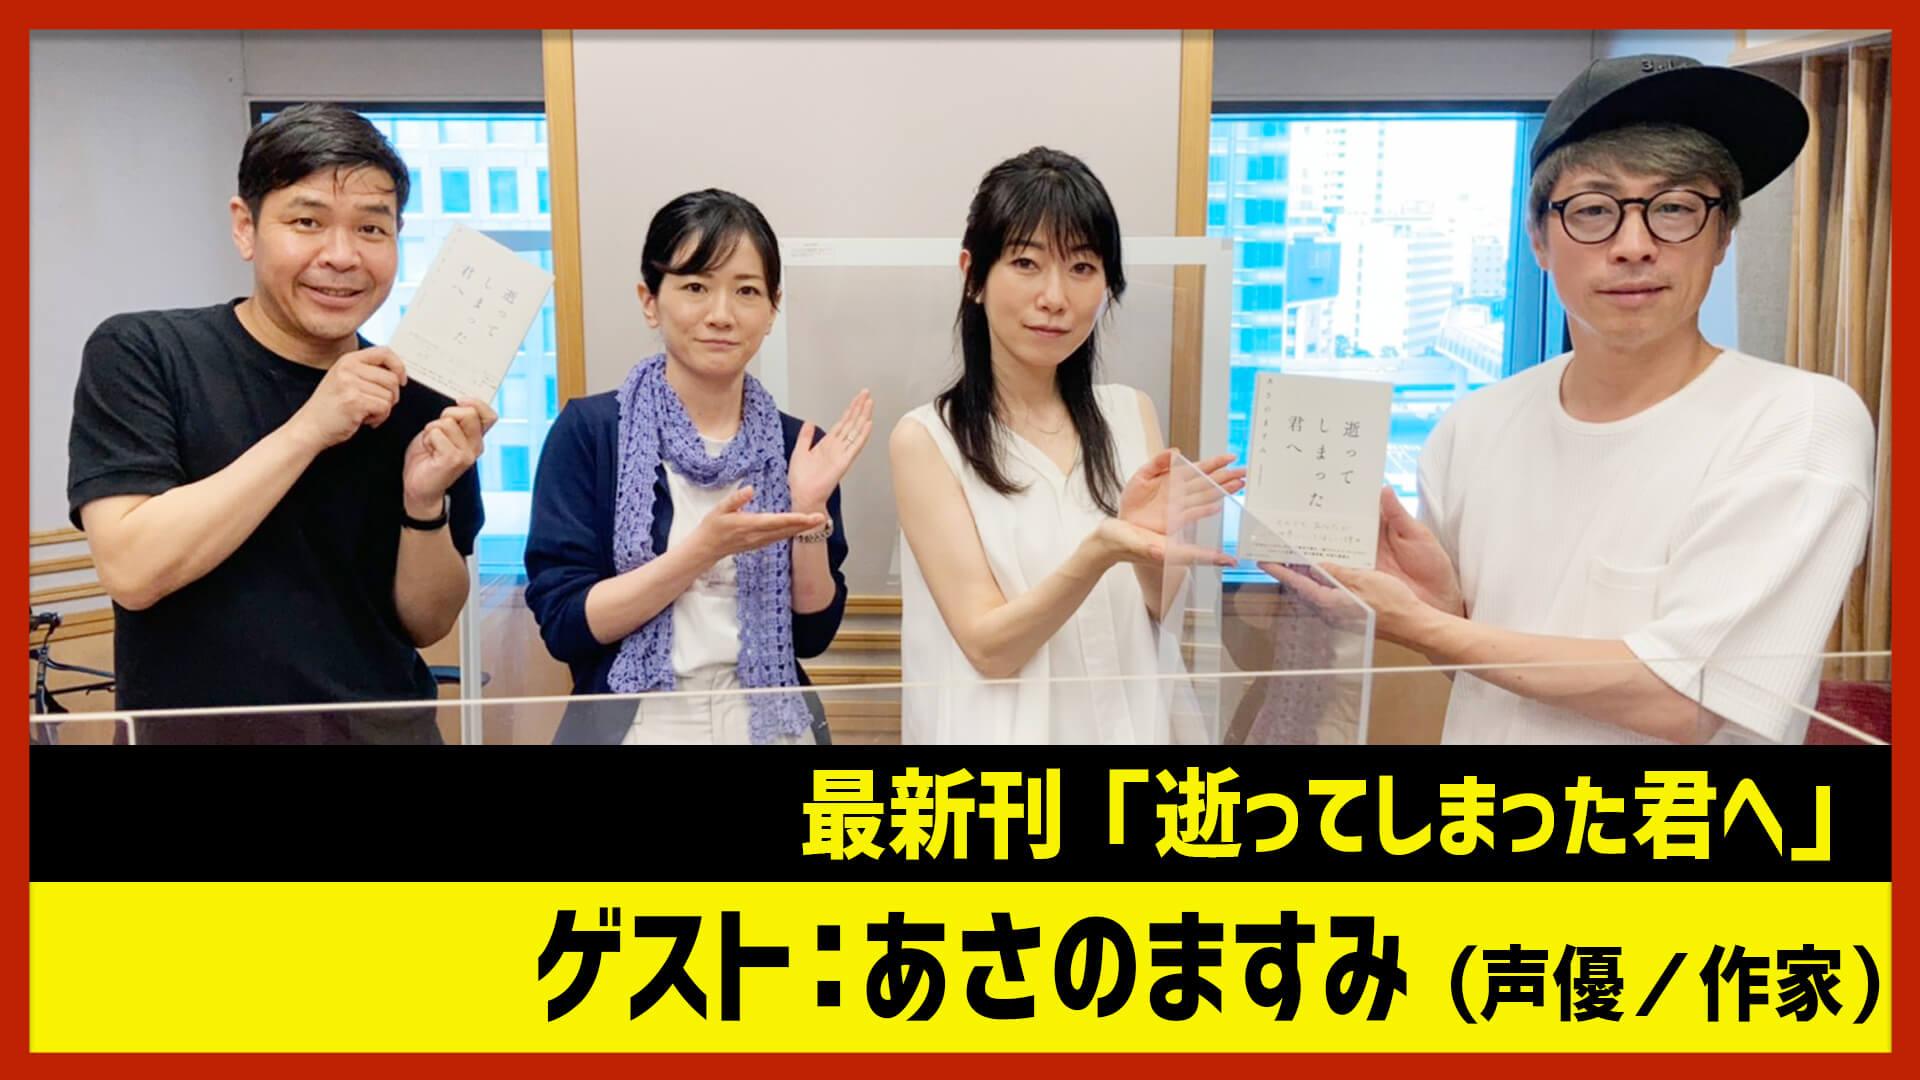 【田村淳のNewsCLUB】ゲスト: あさのますみ(浅野真澄)さん(2021年7月3日)